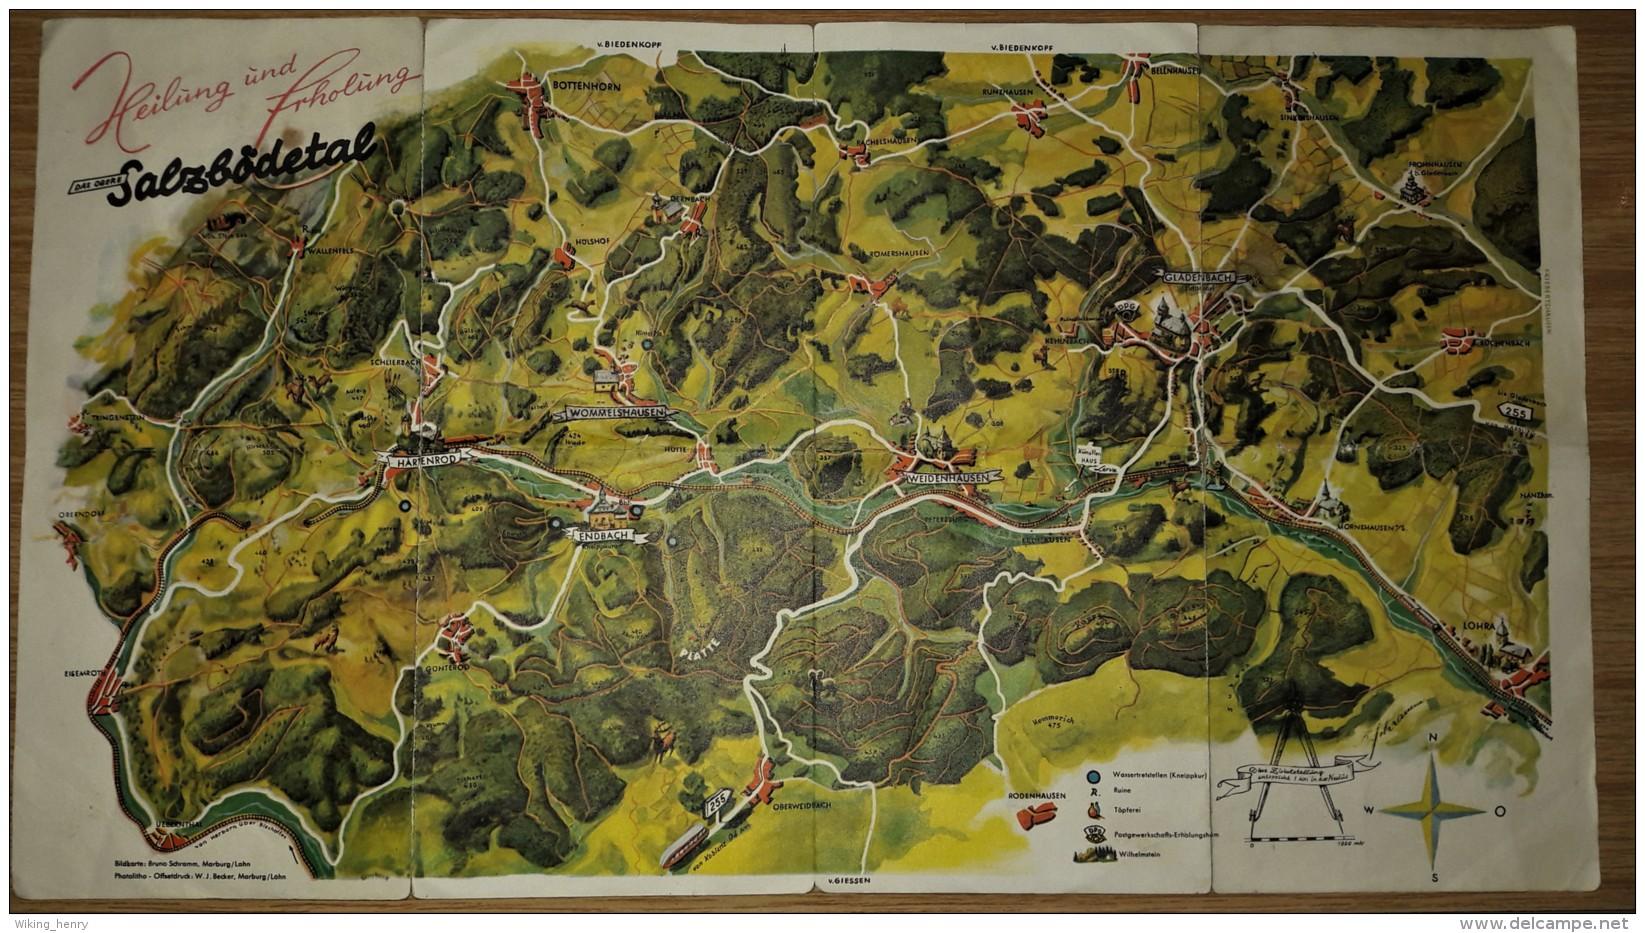 Salzbödetal - Schöne Alte Landkarte / Übersichtskarte - Landkarten